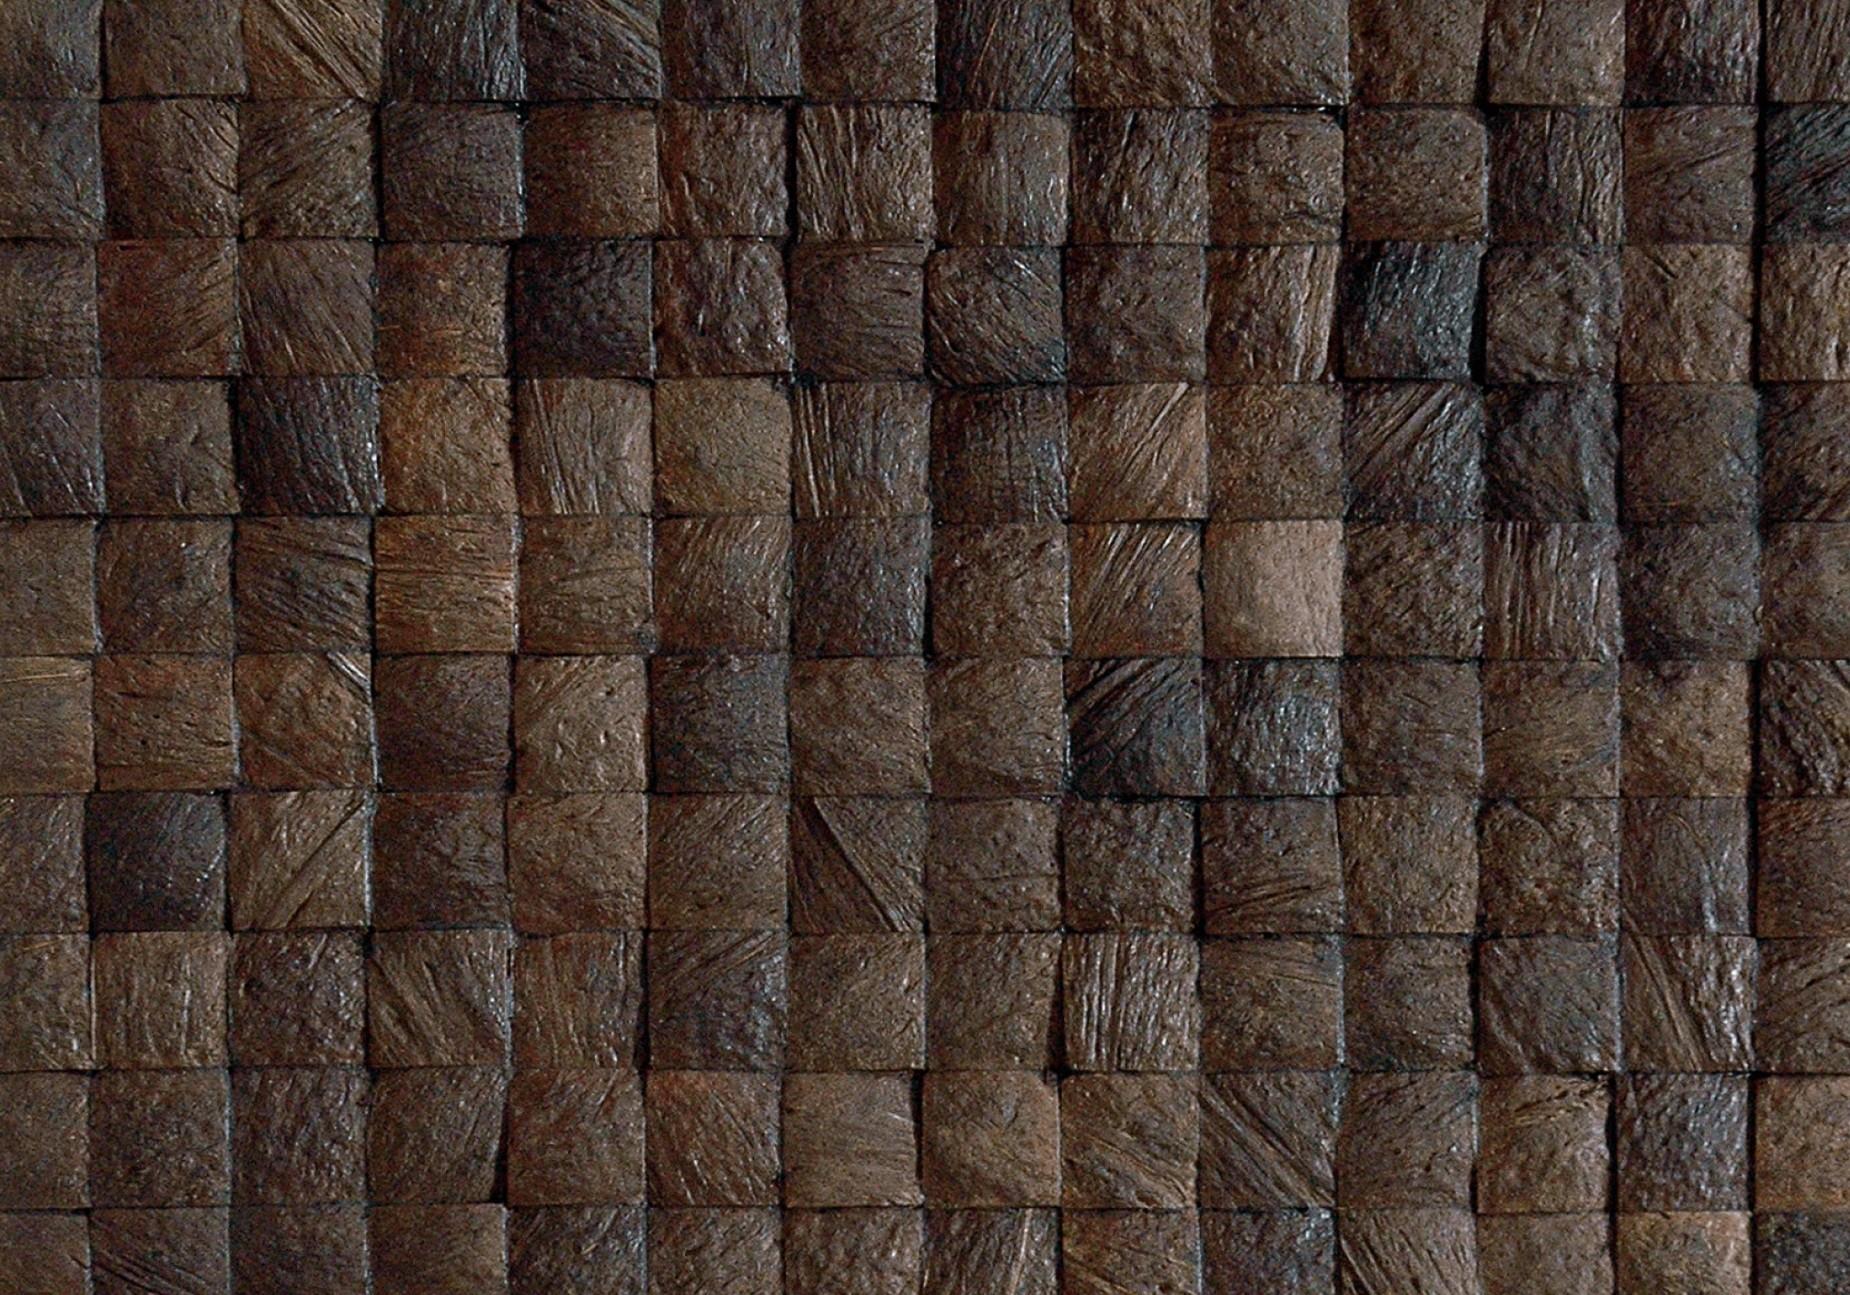 donkerbruine kokosnoot Mbaru Niang coco grain espresso uit de Oulanka Forest collectie